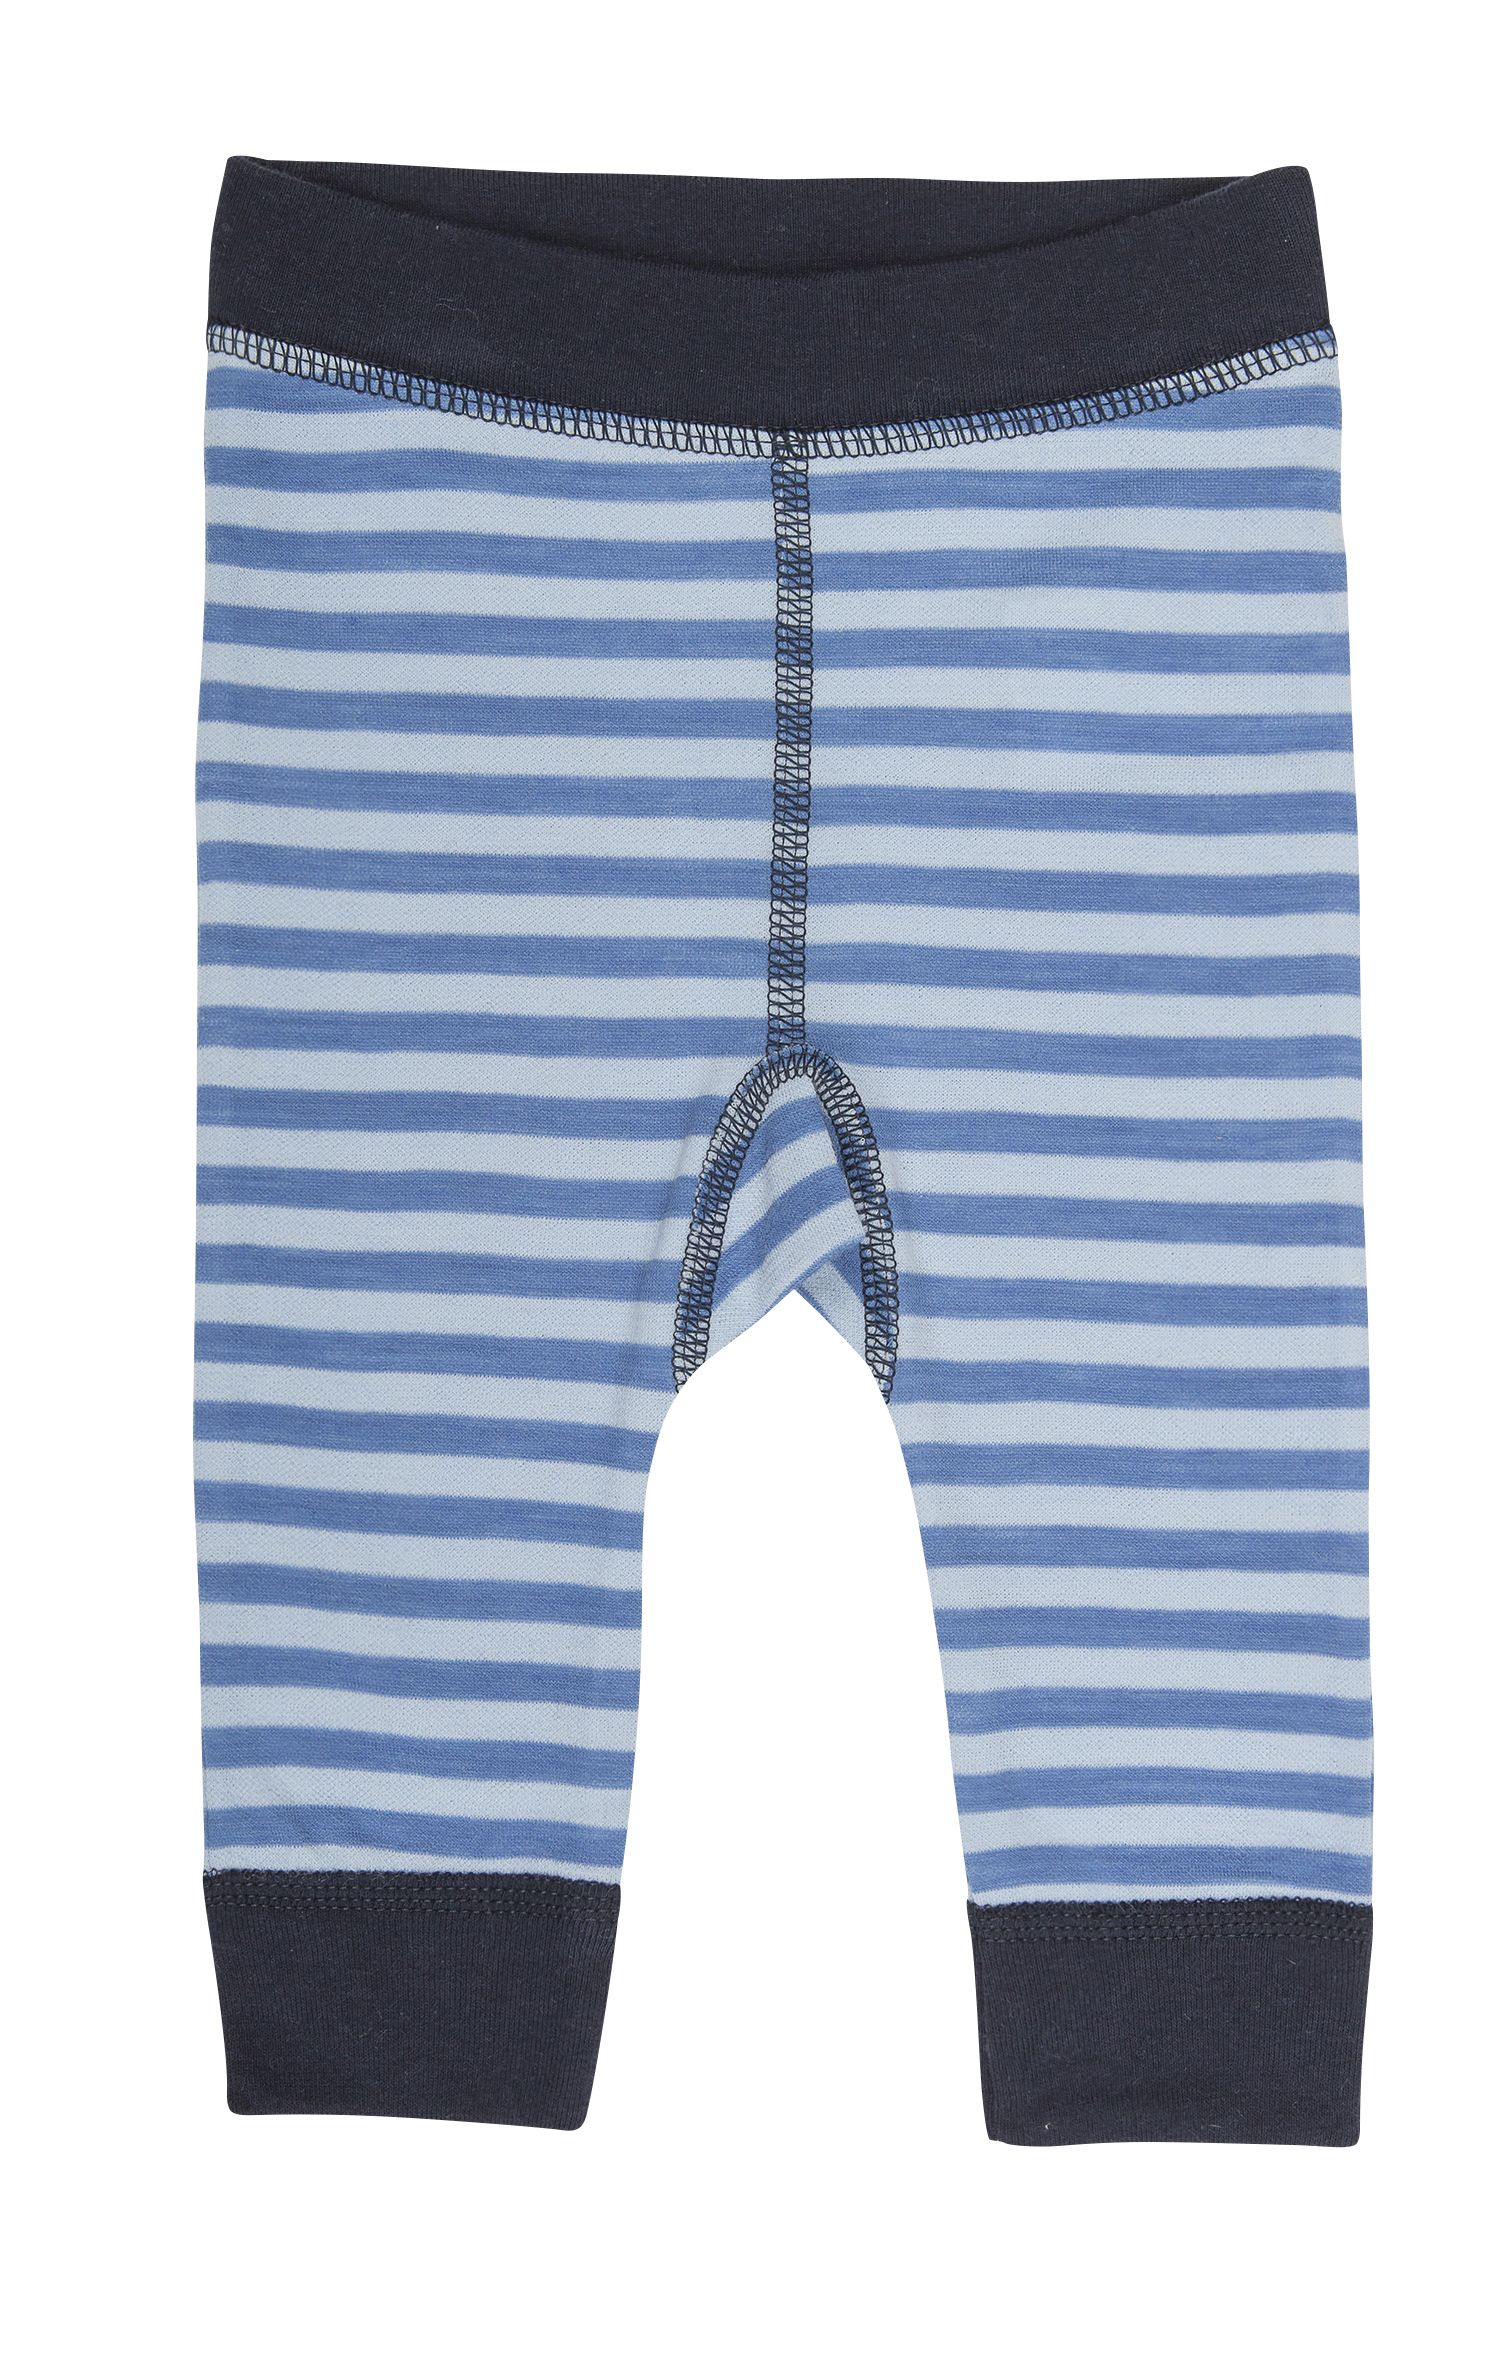 Image of Leggings fra Joha i uld / bomuld - Wolly - Blå/lyseblå (29464-43-6531)